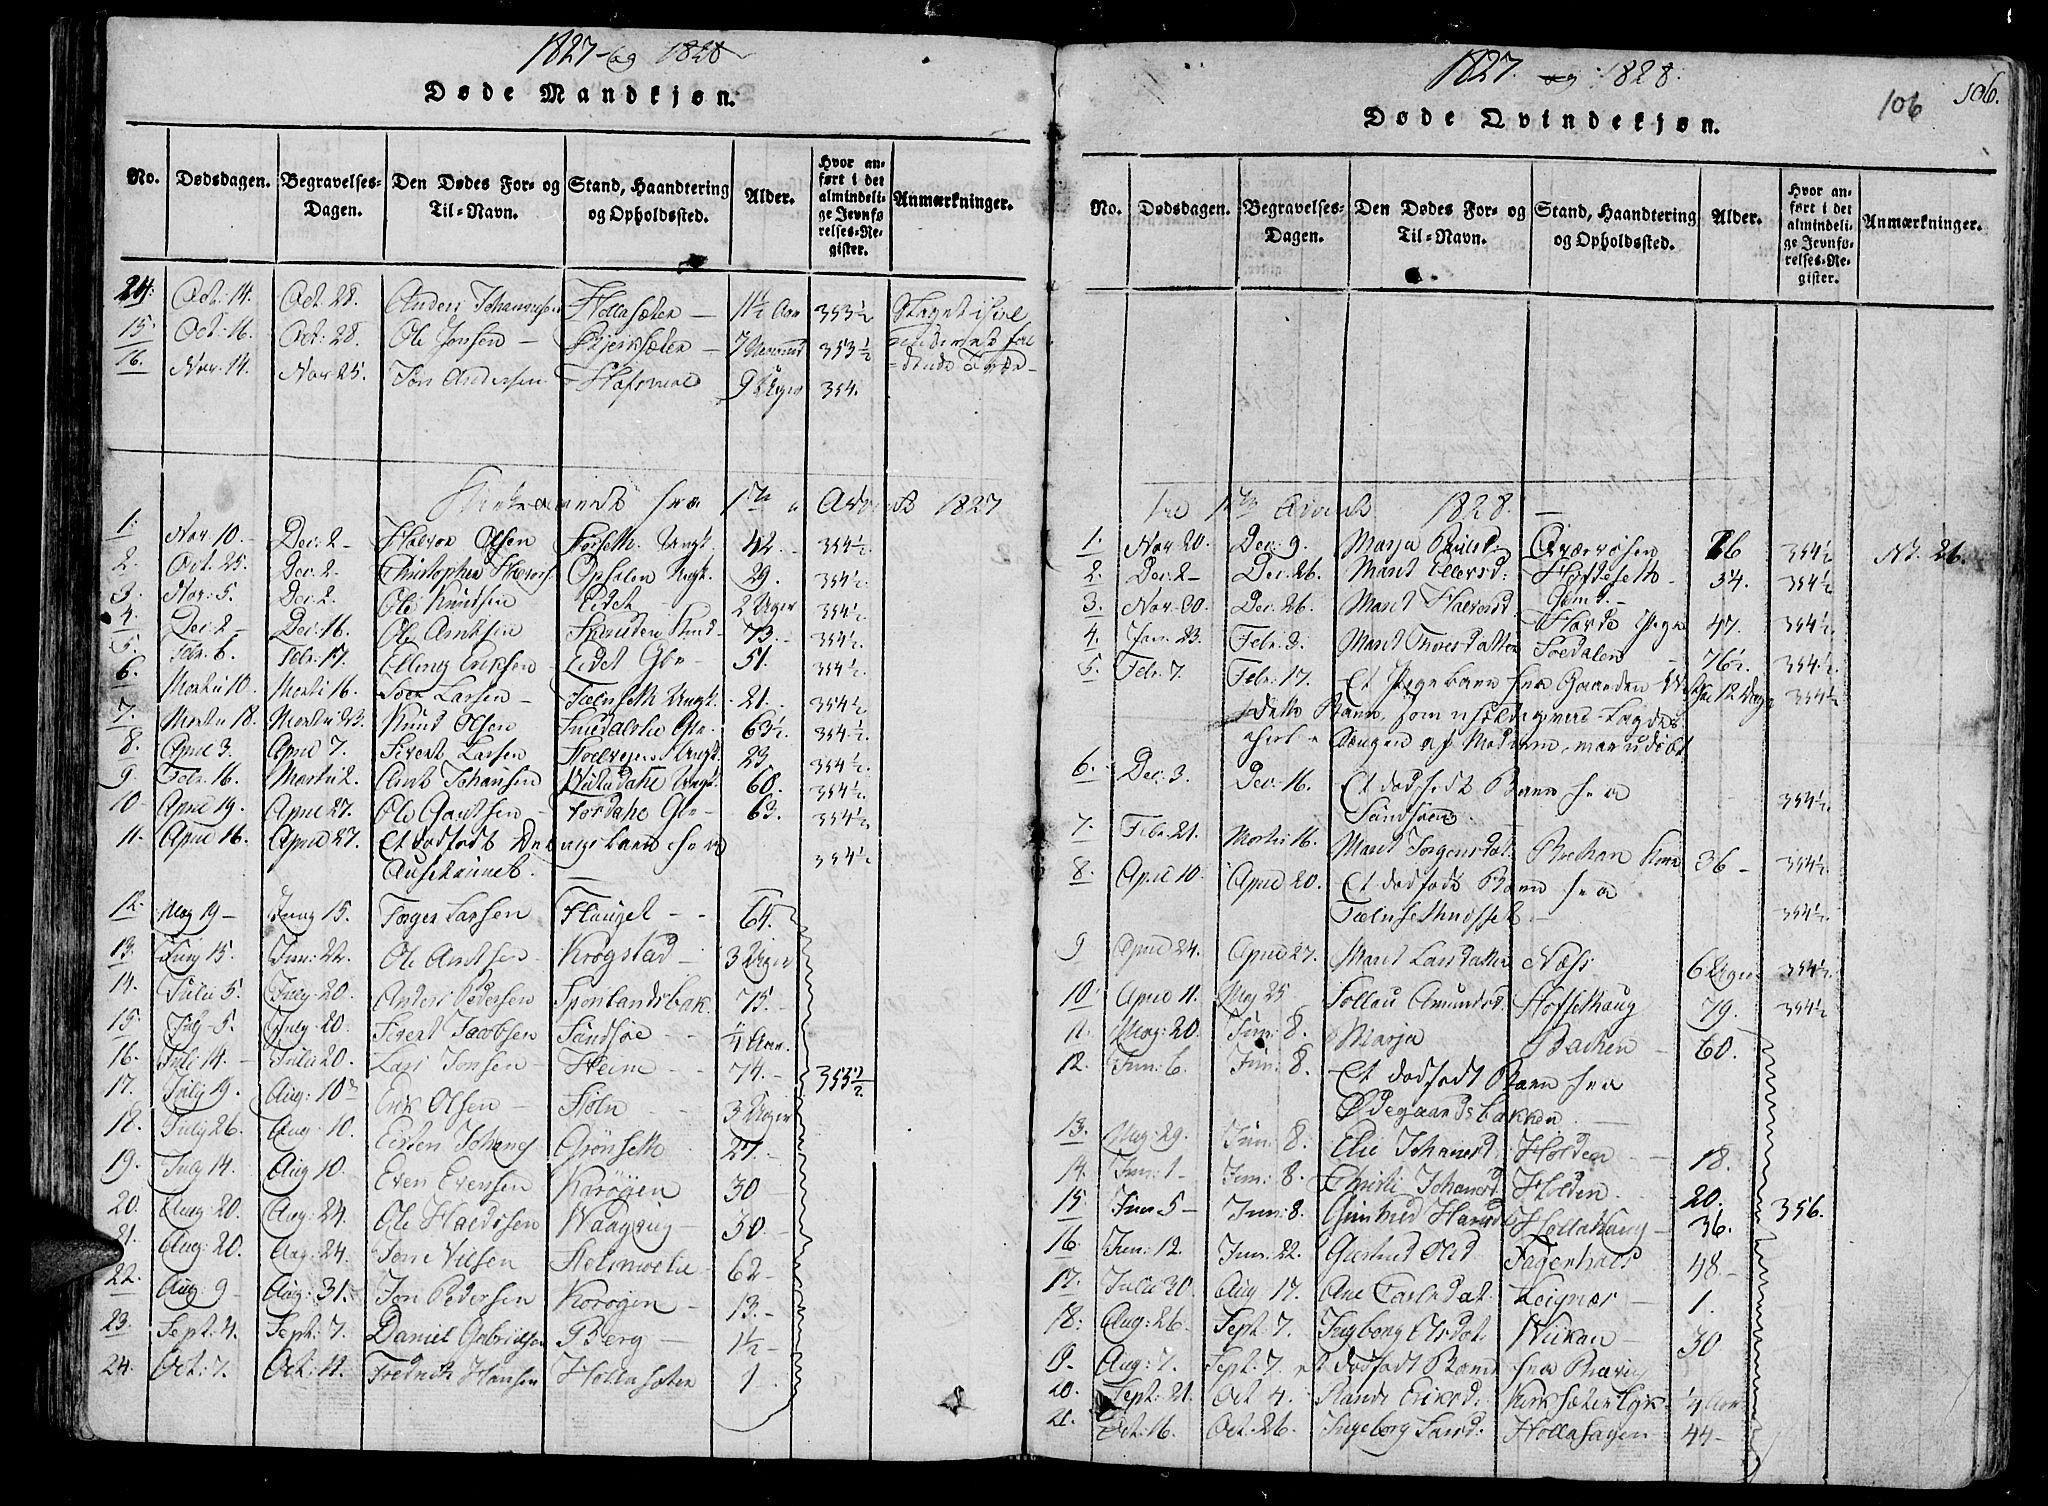 SAT, Ministerialprotokoller, klokkerbøker og fødselsregistre - Sør-Trøndelag, 630/L0491: Ministerialbok nr. 630A04, 1818-1830, s. 106